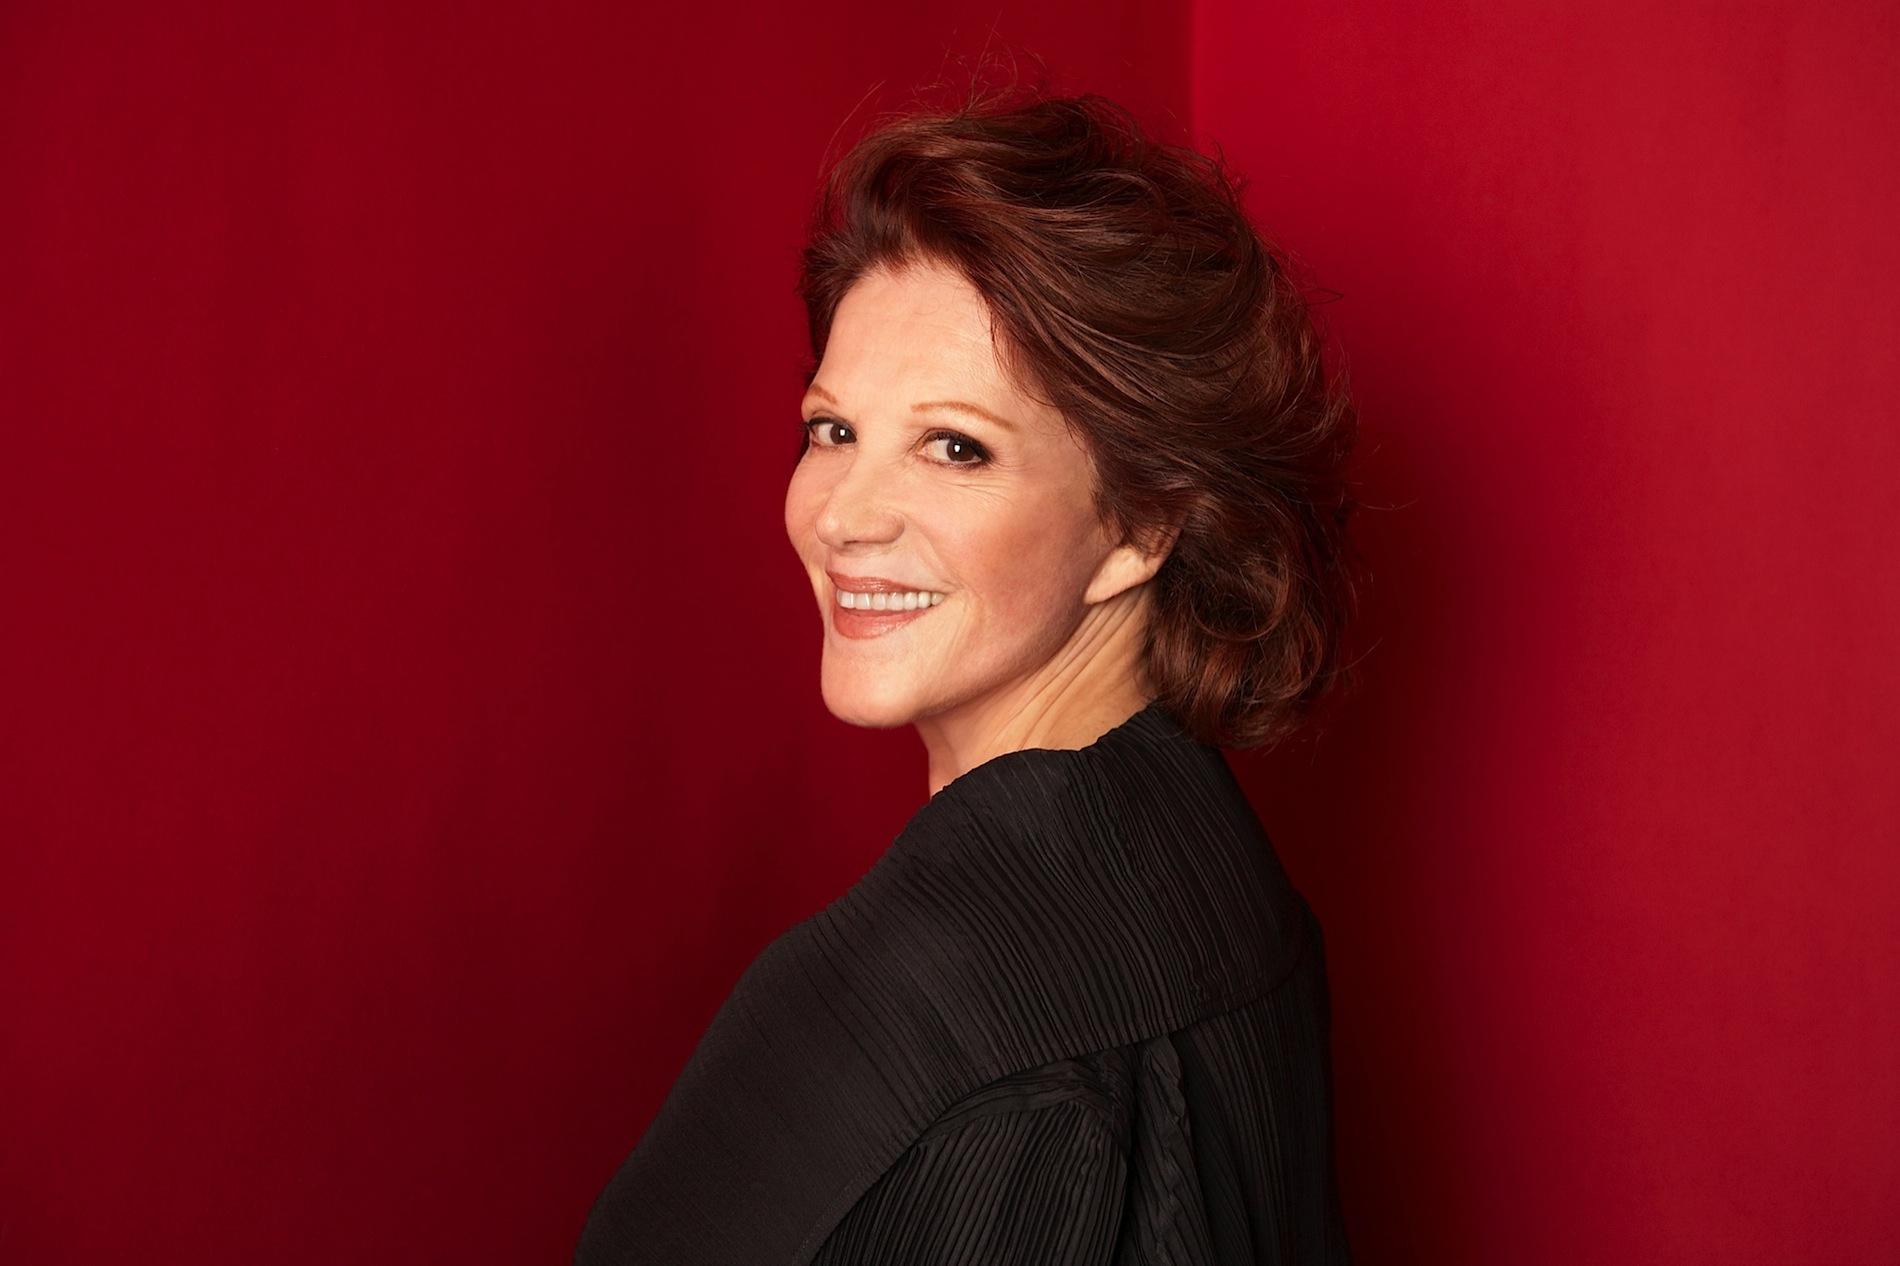 Actress/Singer Linda Lavin